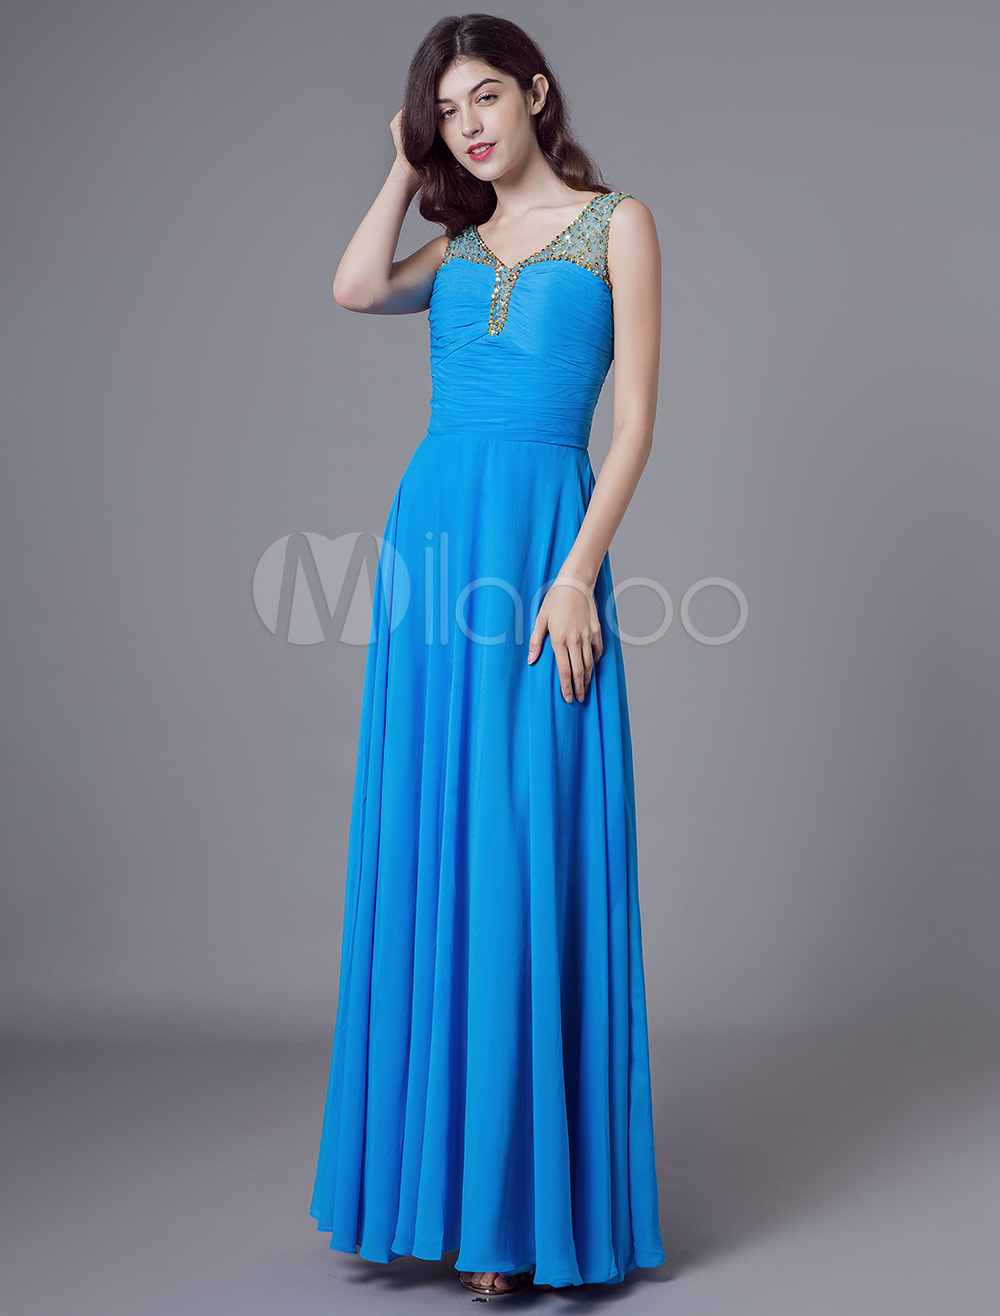 cheaper 18325 33bac Abiti da sera blu Chiffon bordare lungo abito da ballo scollo a V maxi  abiti da cerimonia